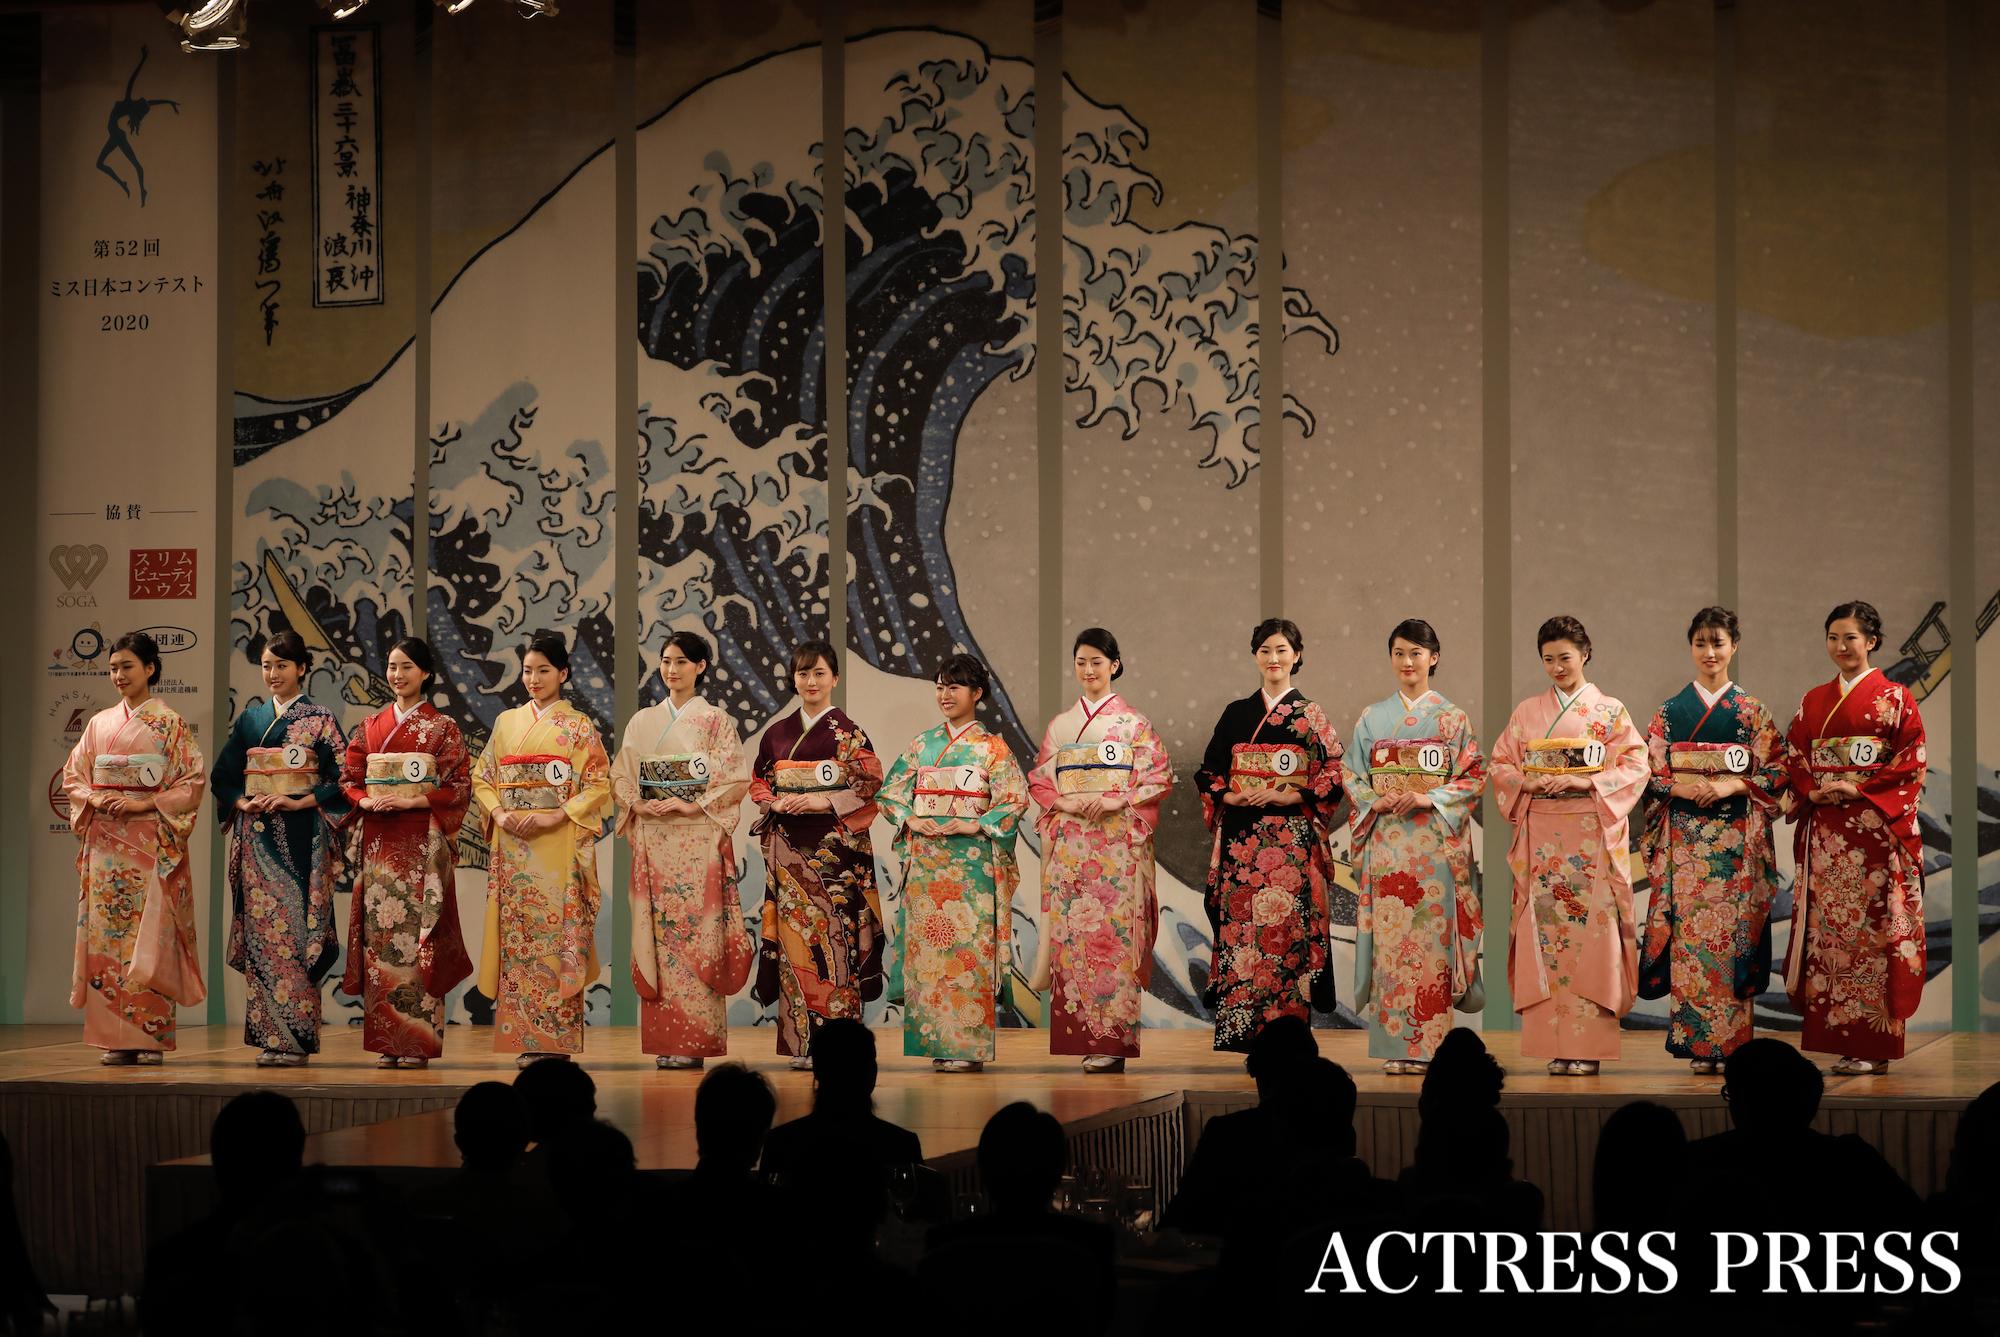 2020年1月20日(月)、『第52回ミス日本コンテスト2020』にて/撮影:ACTRESS PRESS編集部